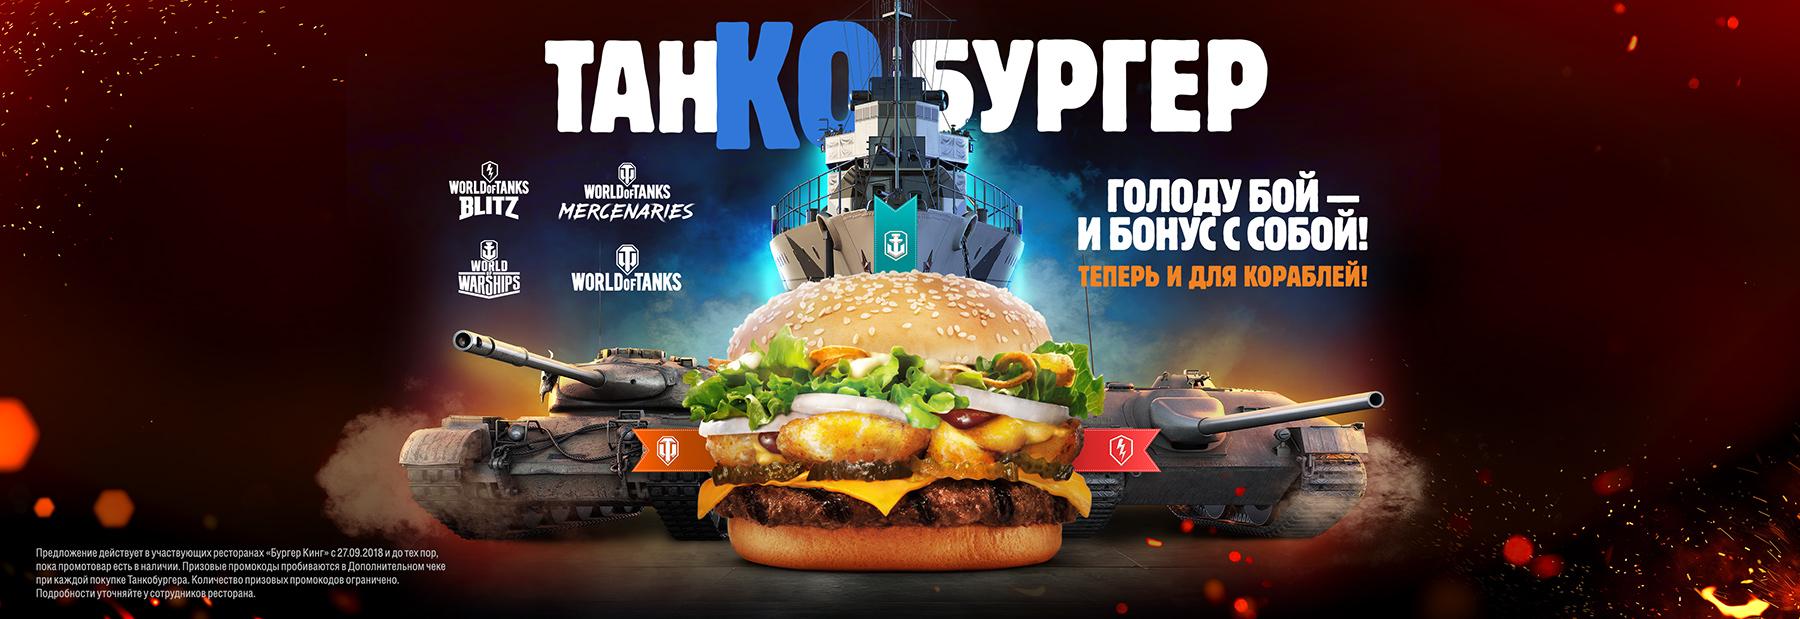 Танкобургер - Голоду бой и бонус с собой!